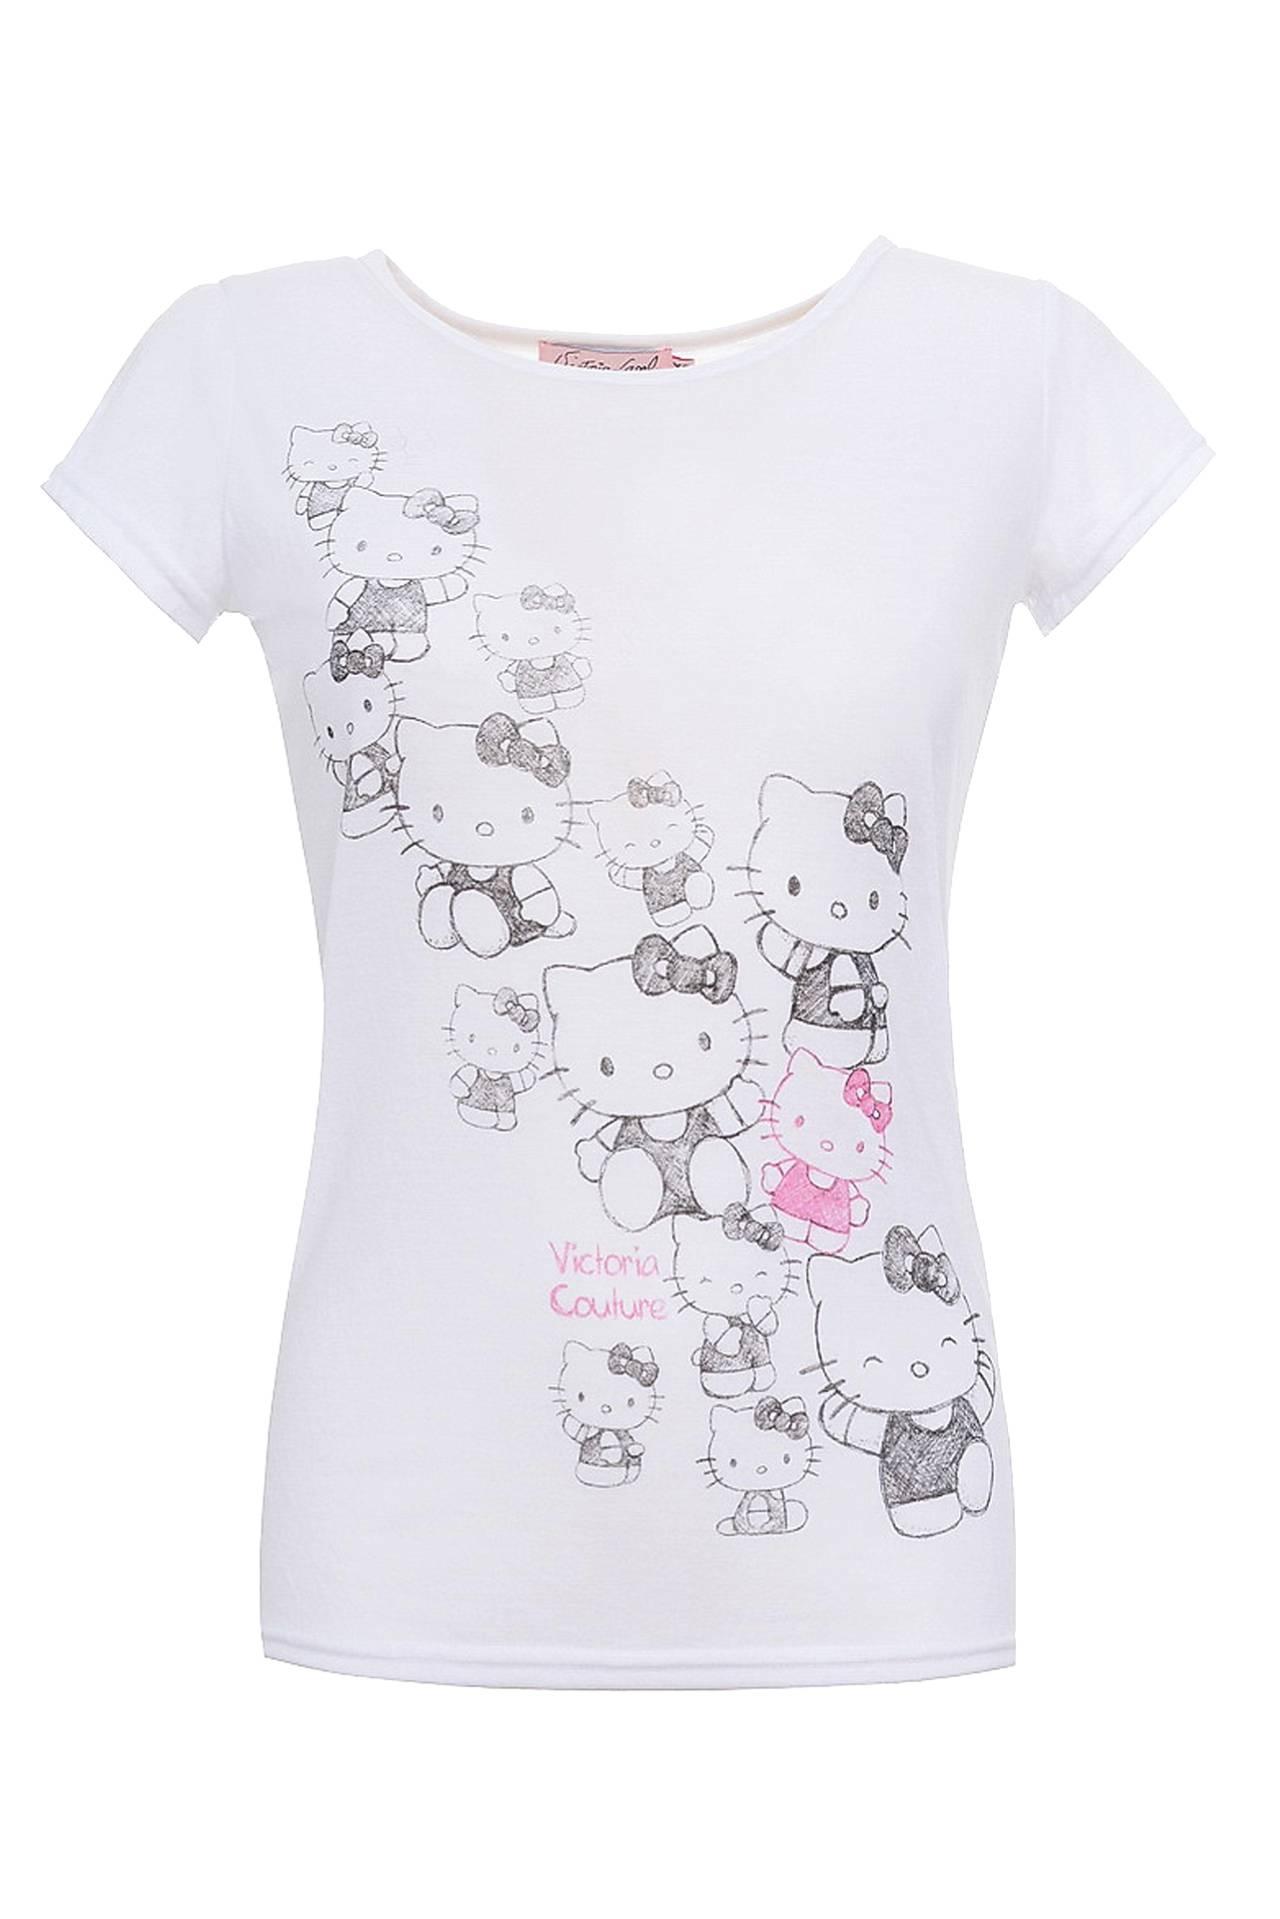 интернет магазин одежды рф